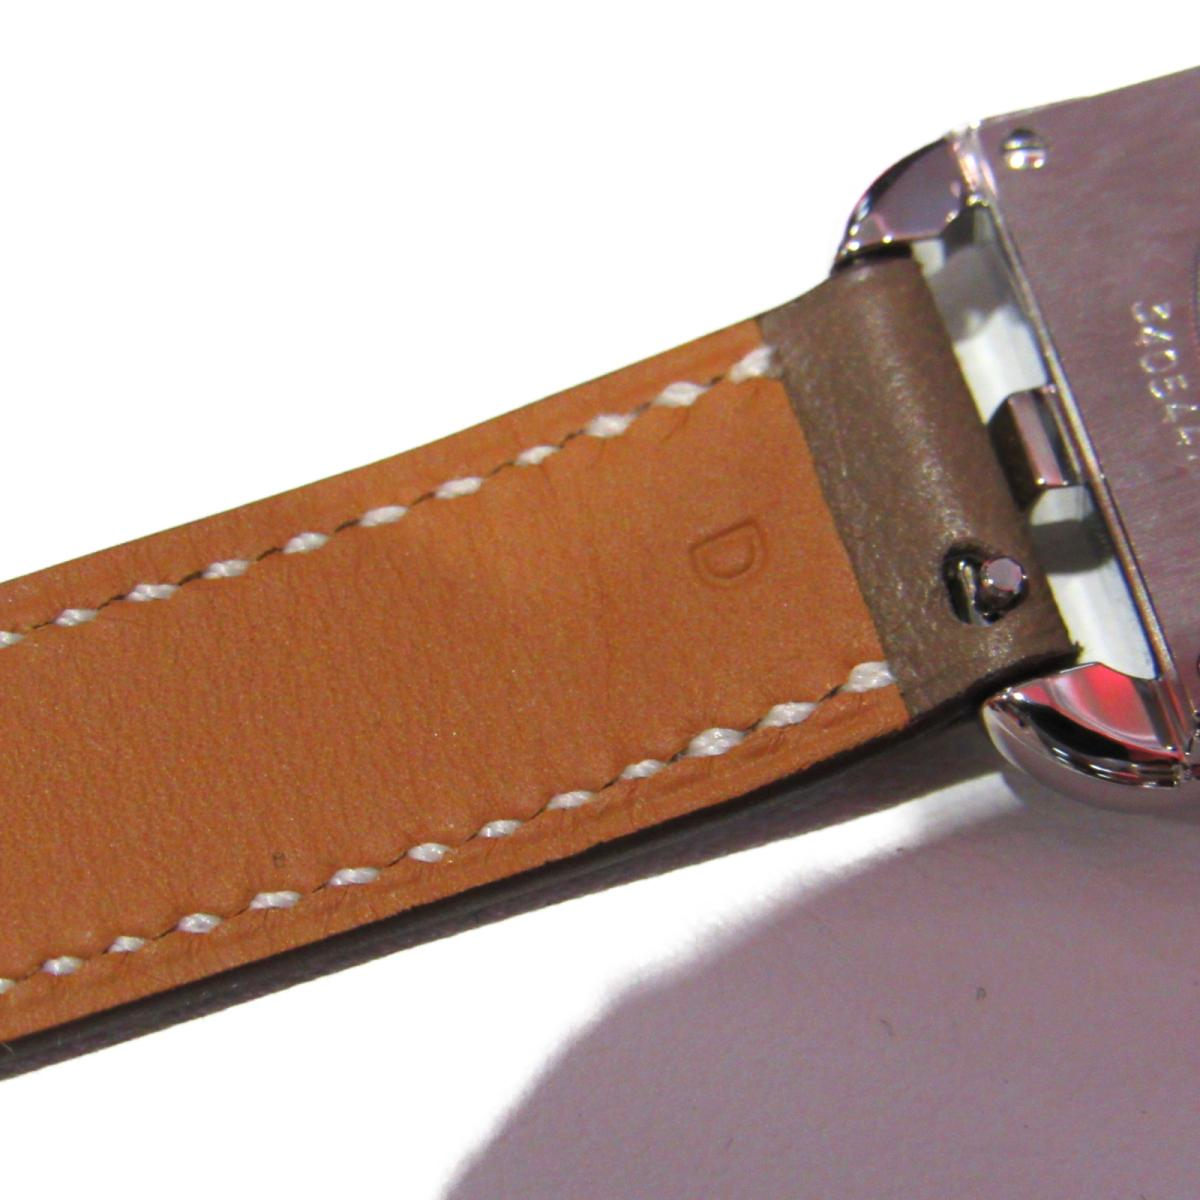 エルメス ケープコッド ドゥブルトゥール 腕時計 ウォッチ レディース ヴォースイフト x ステンレス エトゥープHERMES BRANDOFF ブランドオフ ブランド ブランド時計 ブランド腕時計 時計SUzGVqMp